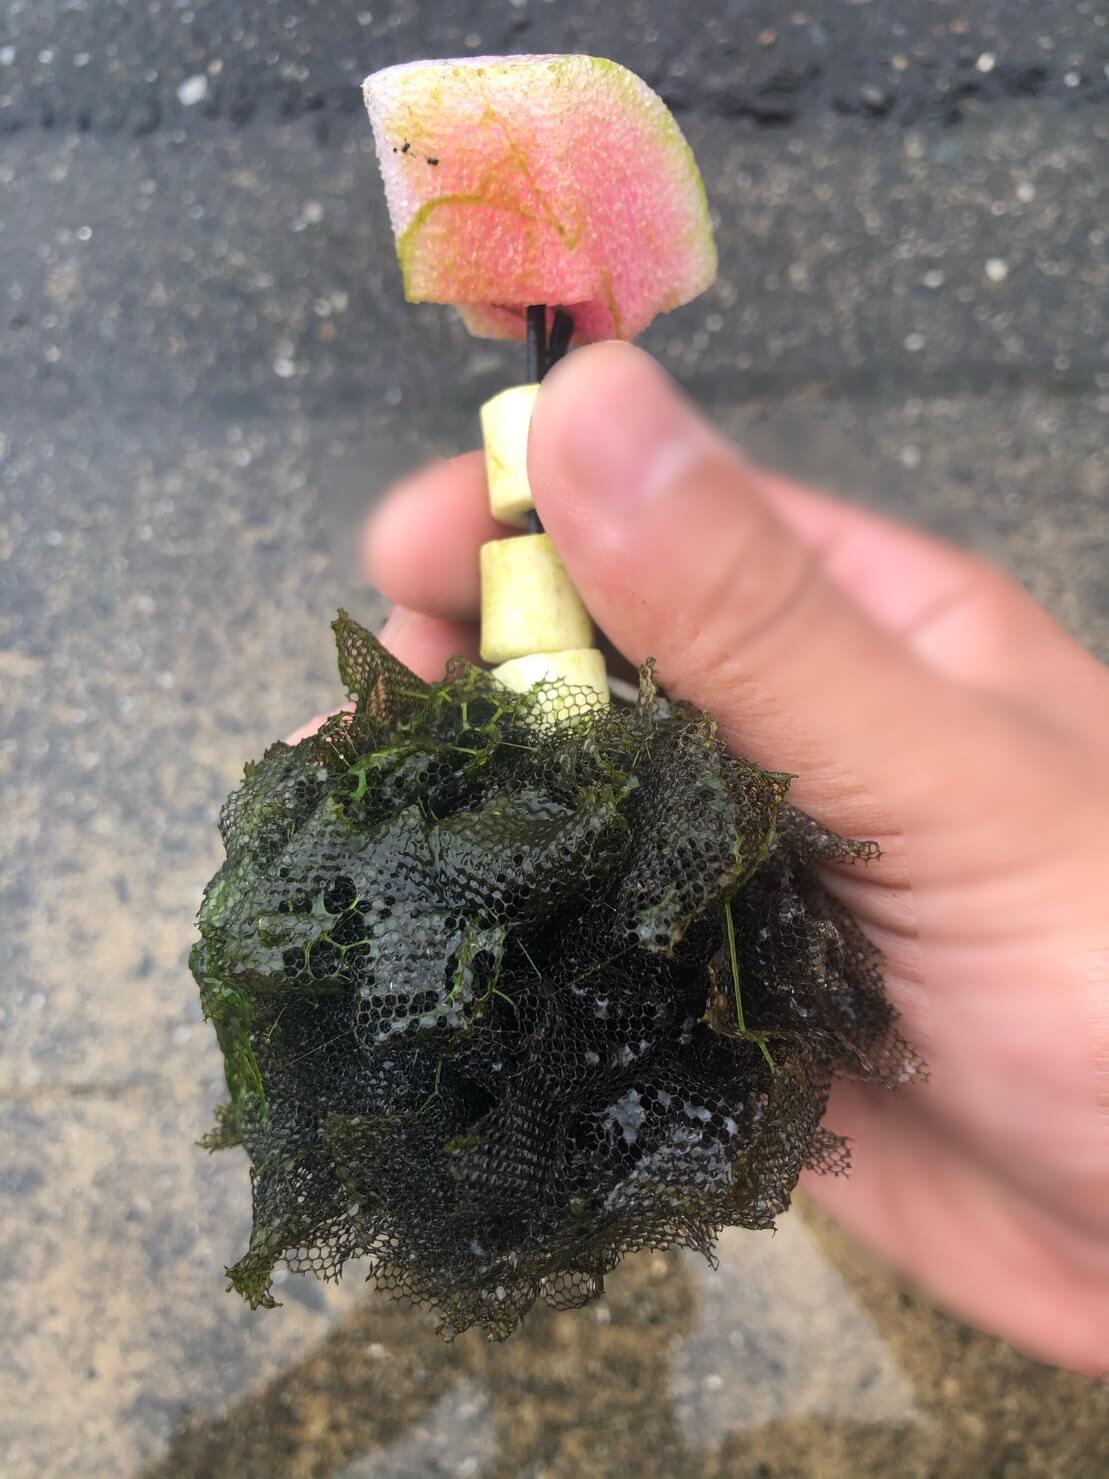 メダカの産卵床を洗う